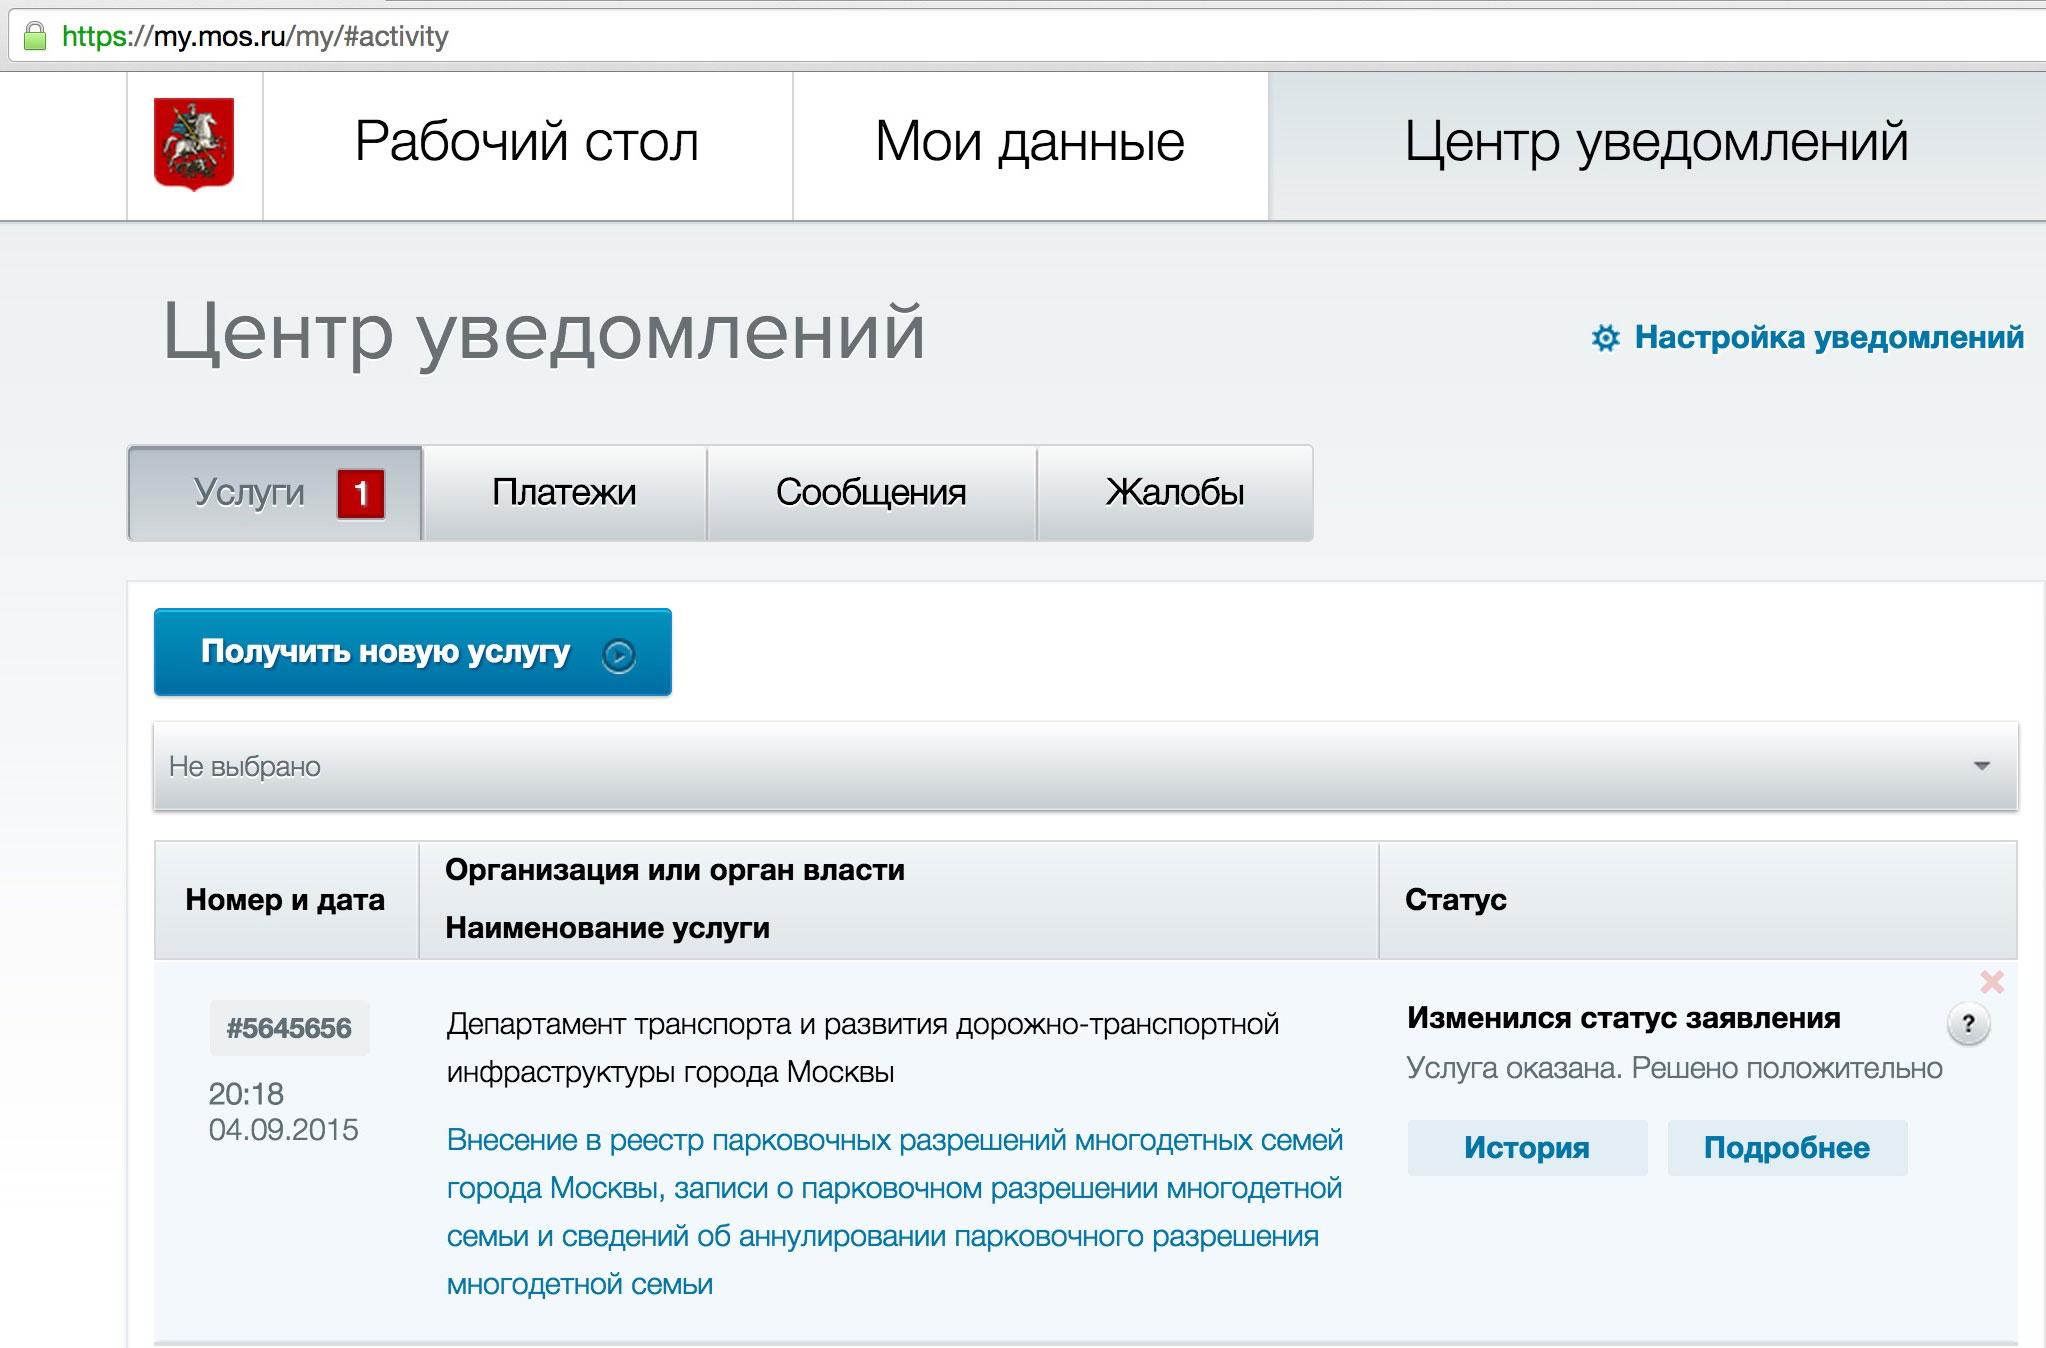 Как получить разрешение на бесплатную парковку в Москве многодетным семьям и инвалидам новые фото